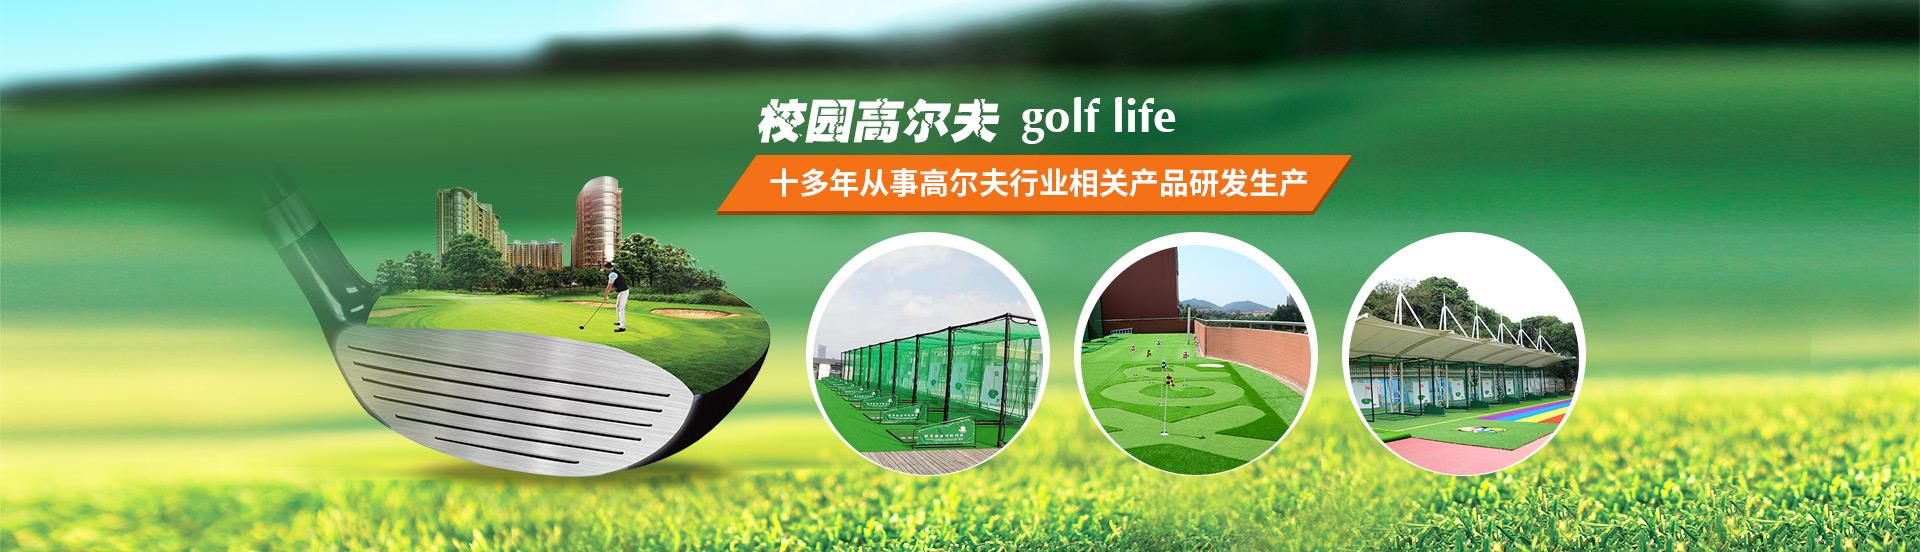 校园高尔夫